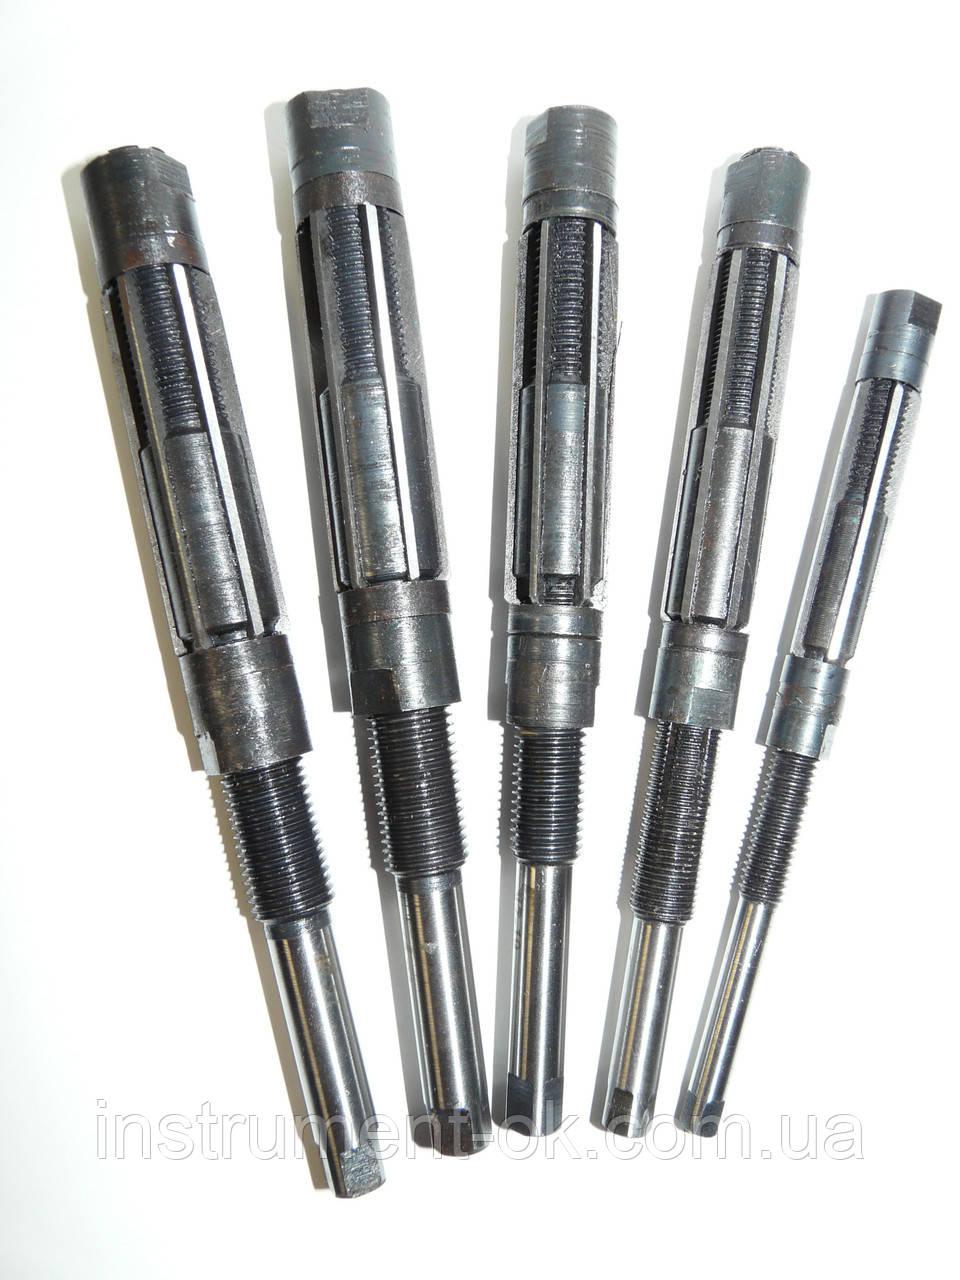 Развертка регулируемая 47-50 мм